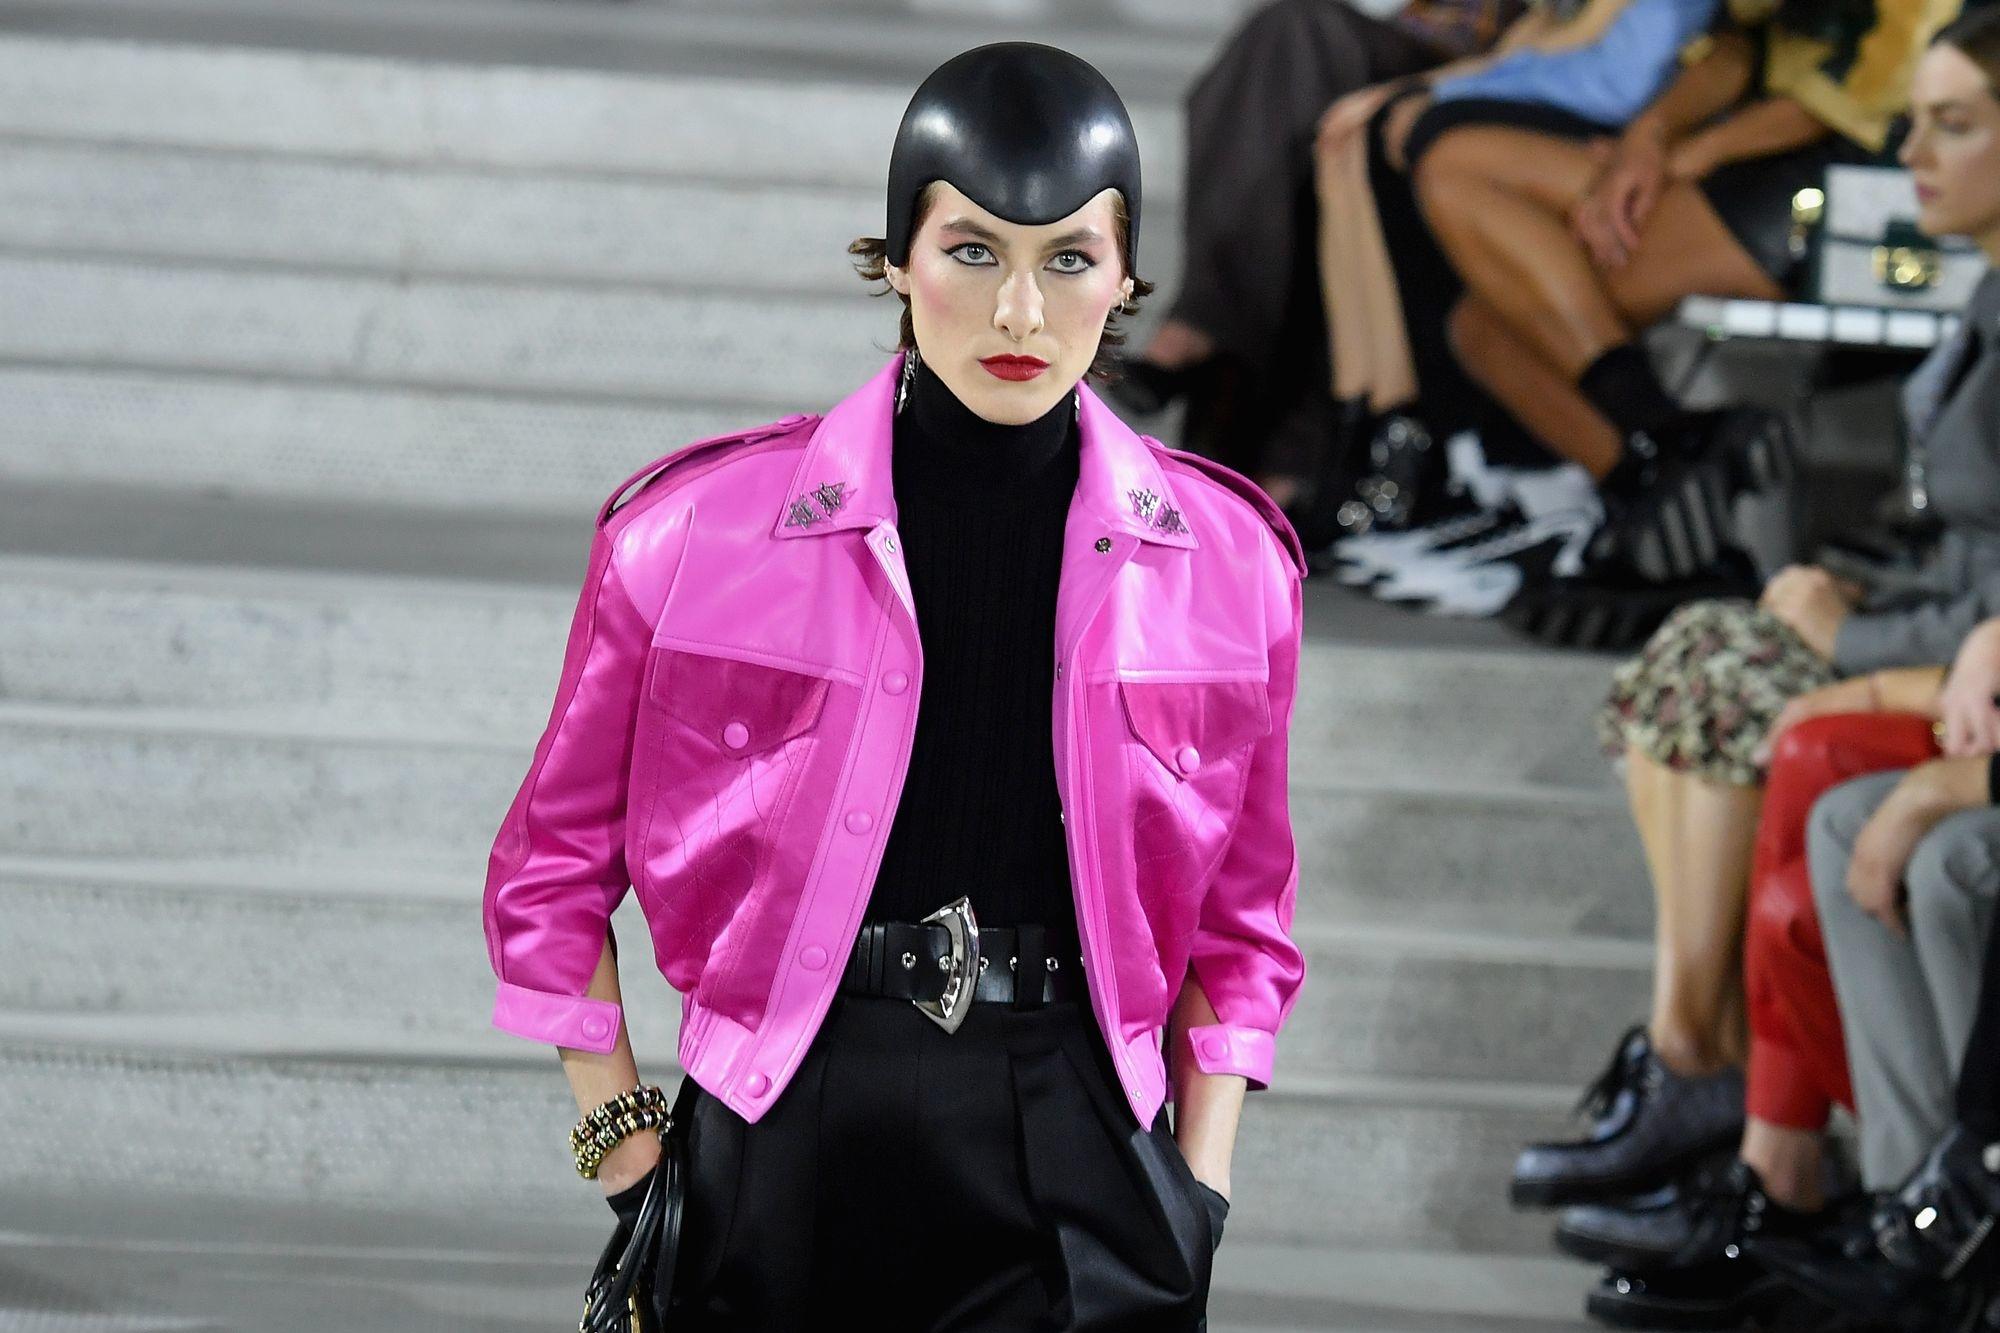 De modellen droegen opvallende hoofddeksels., Belga Image